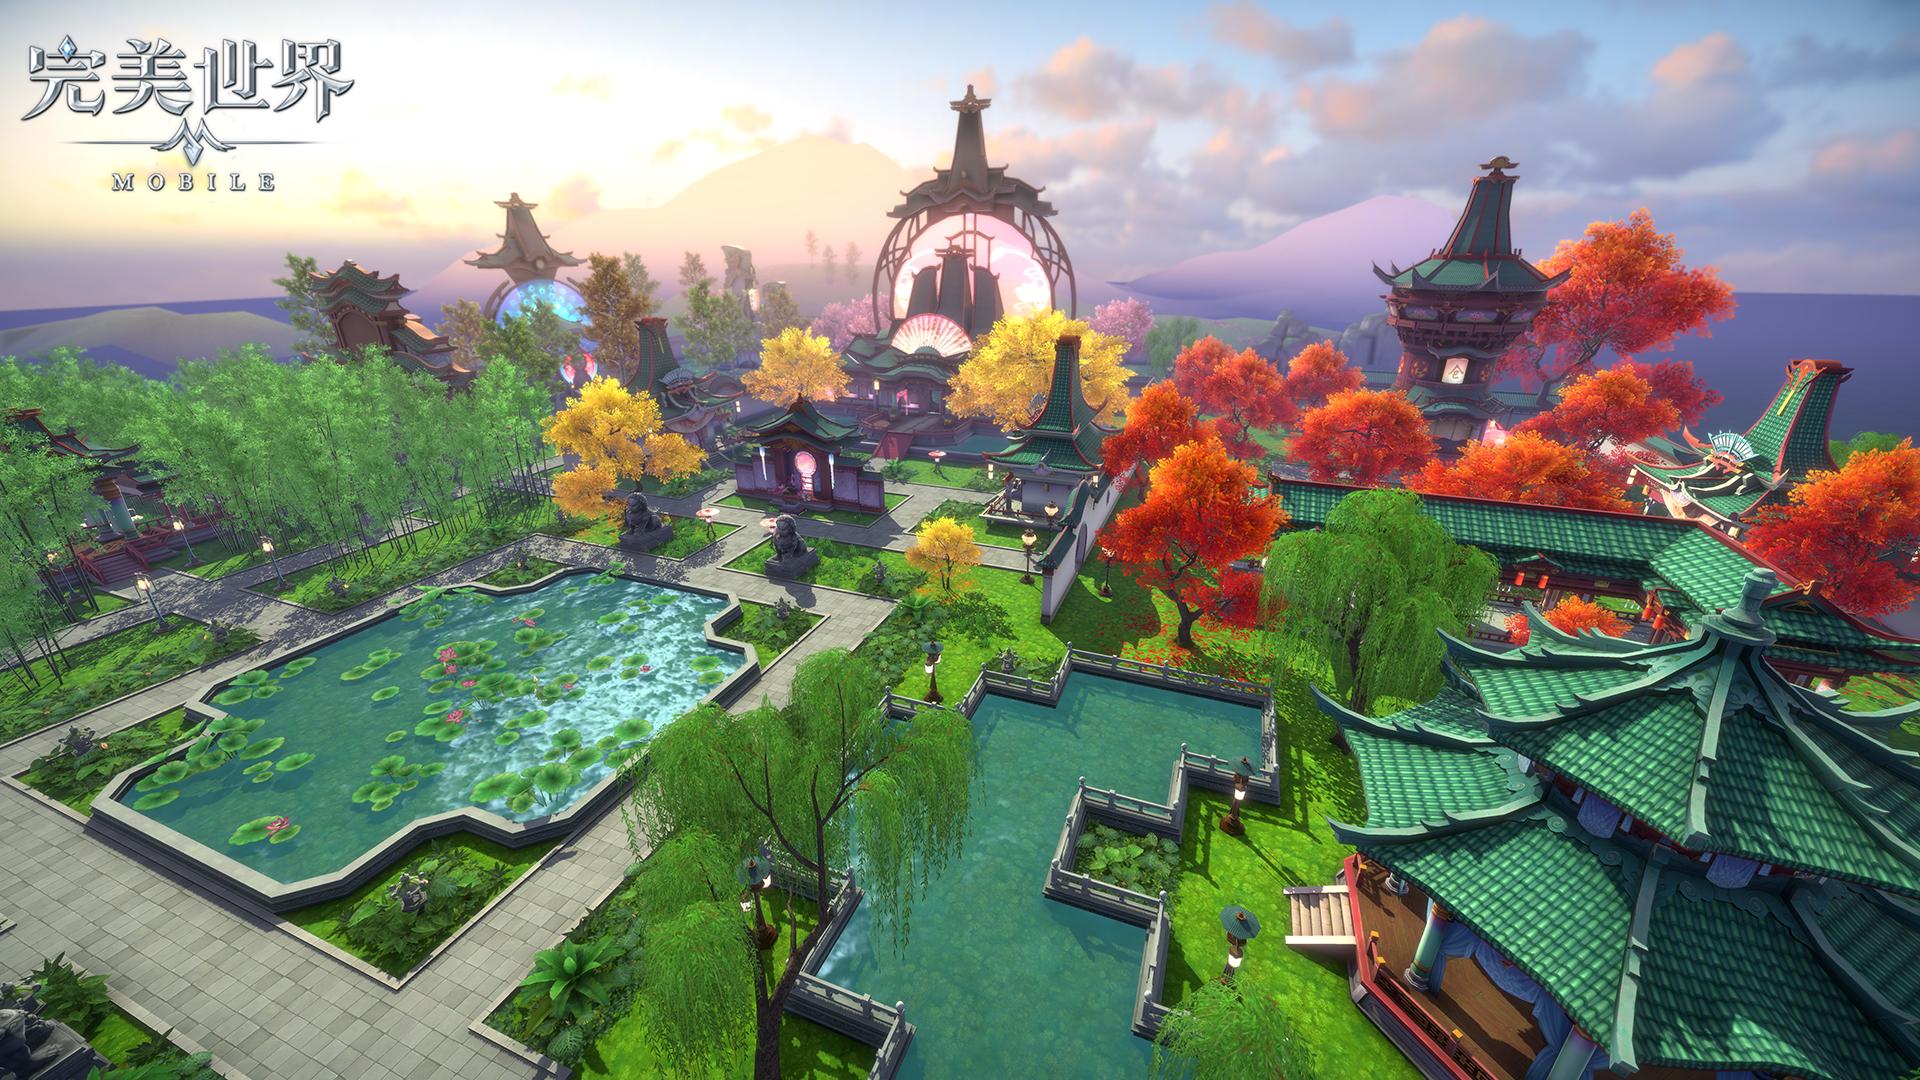 ▲遊戲還加入家園系統,讓玩家可以打造自己的家園,並且與人互動。